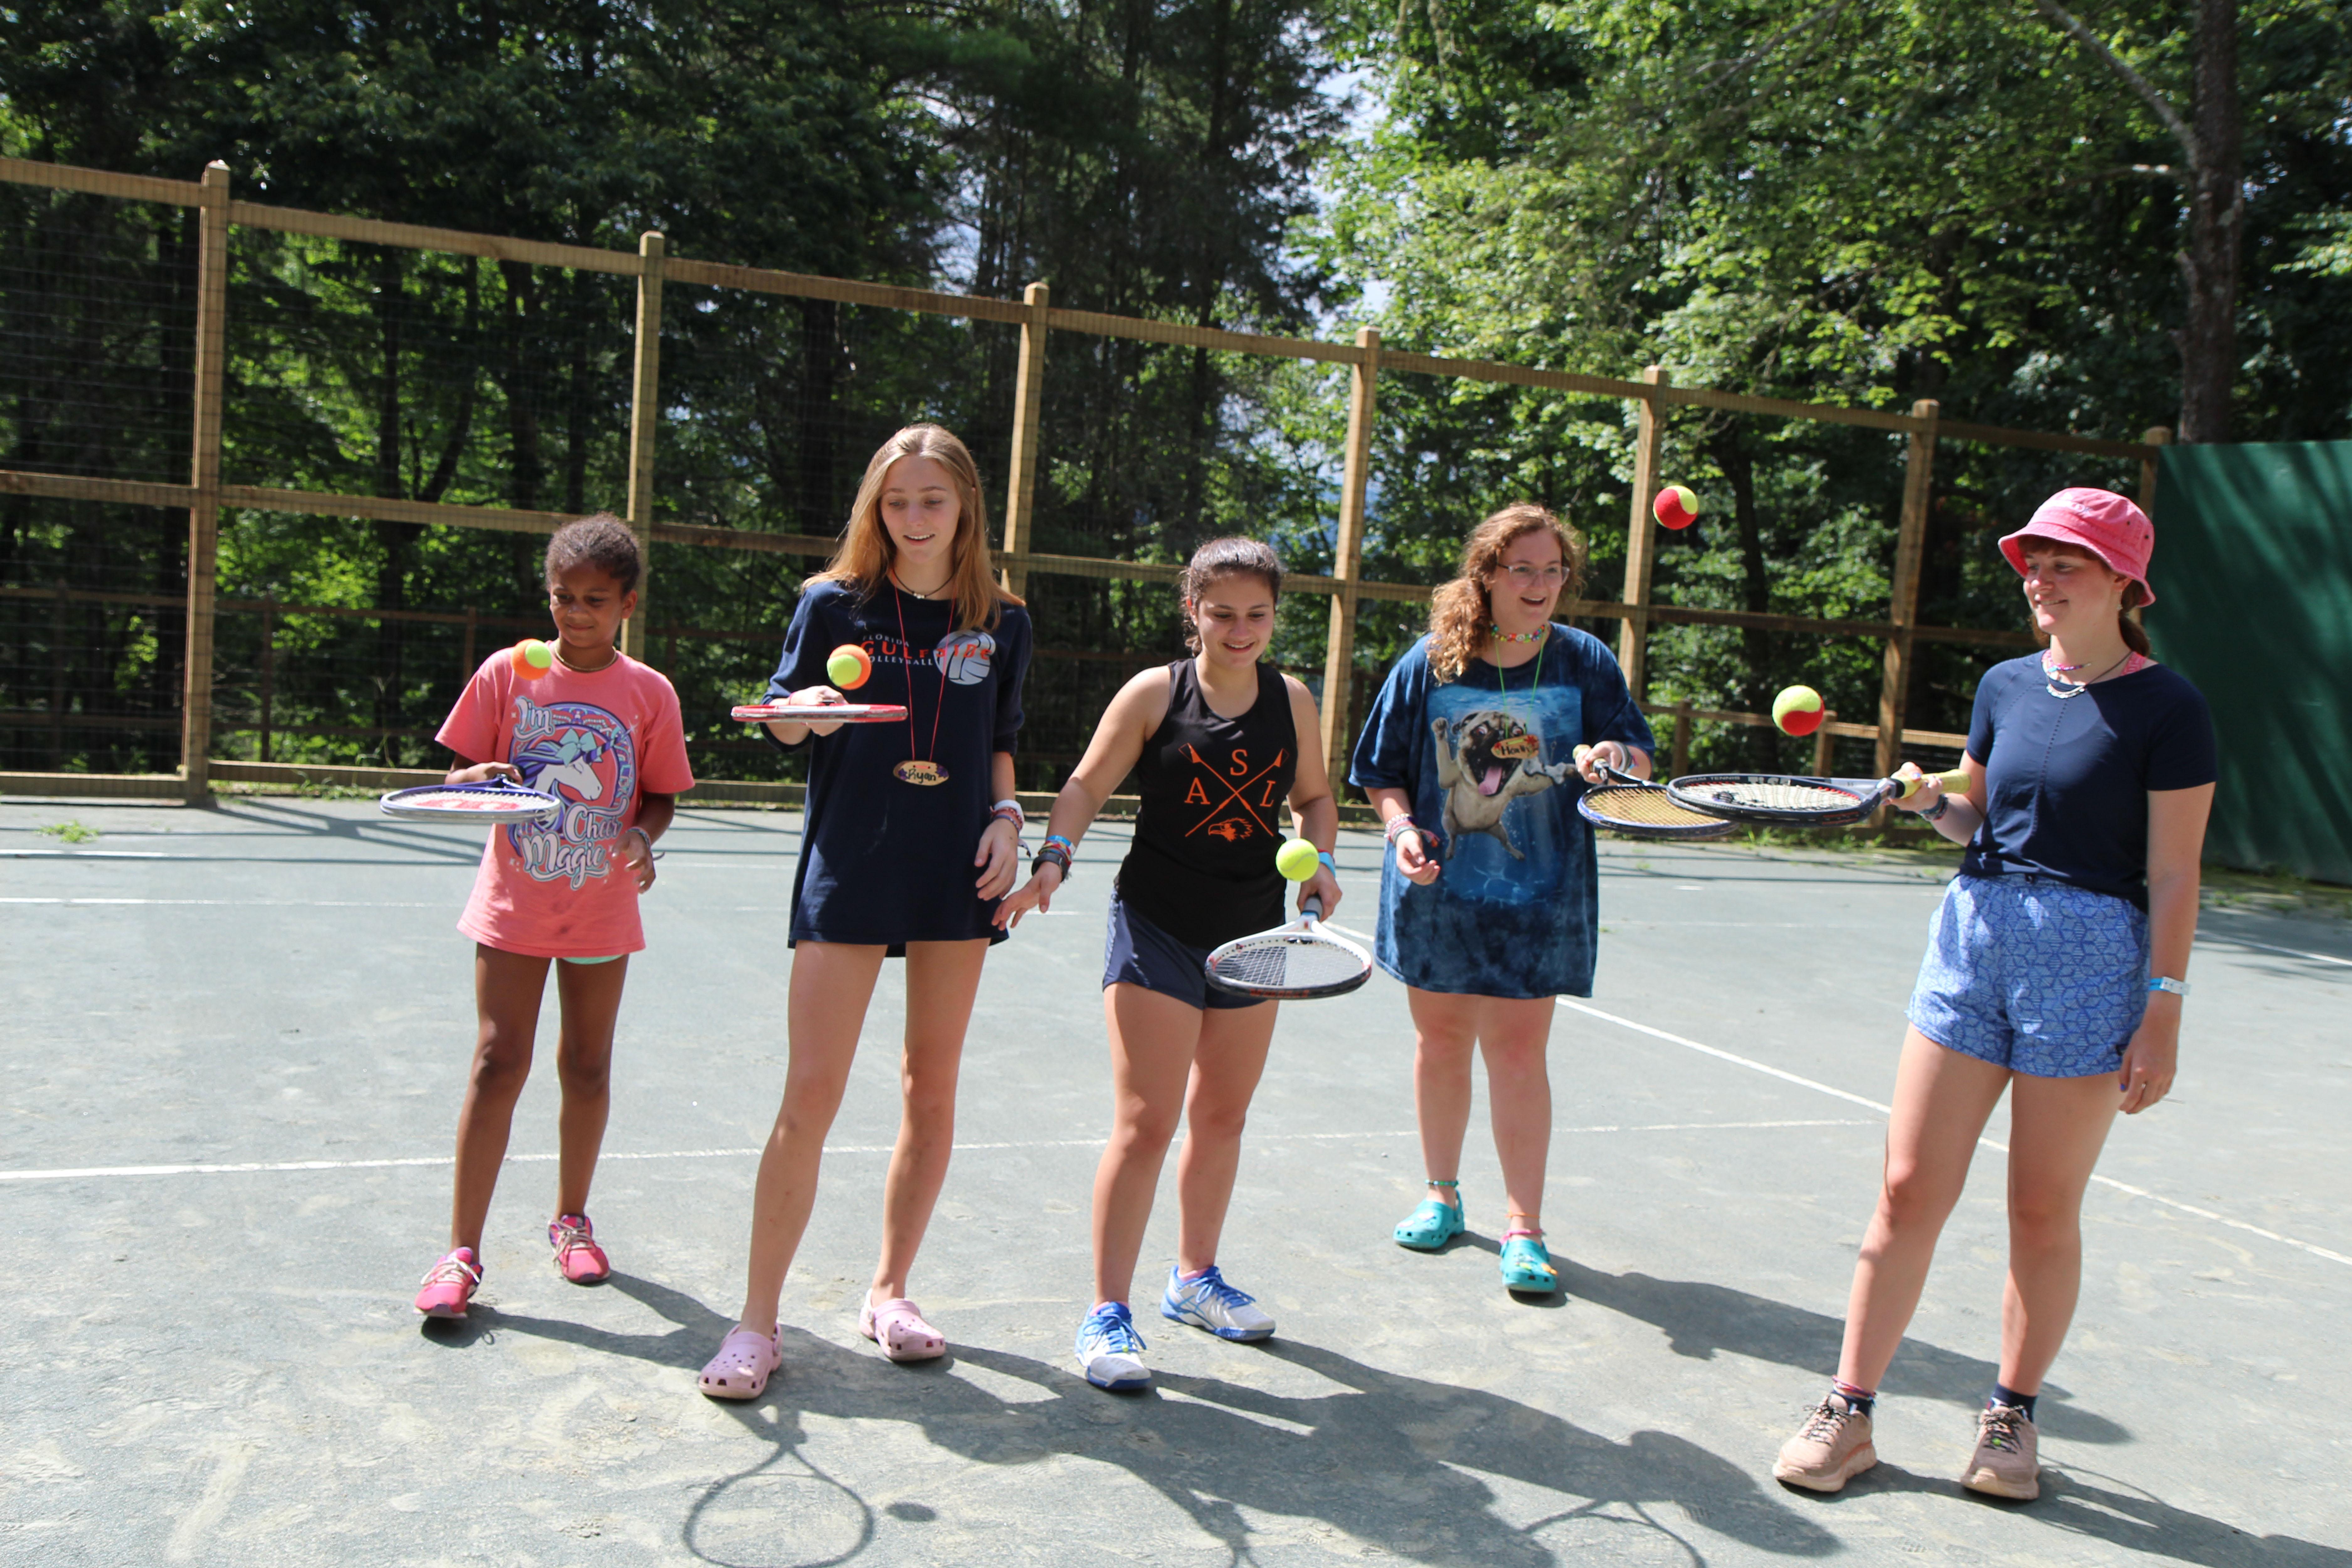 Girls at camp playing tennis